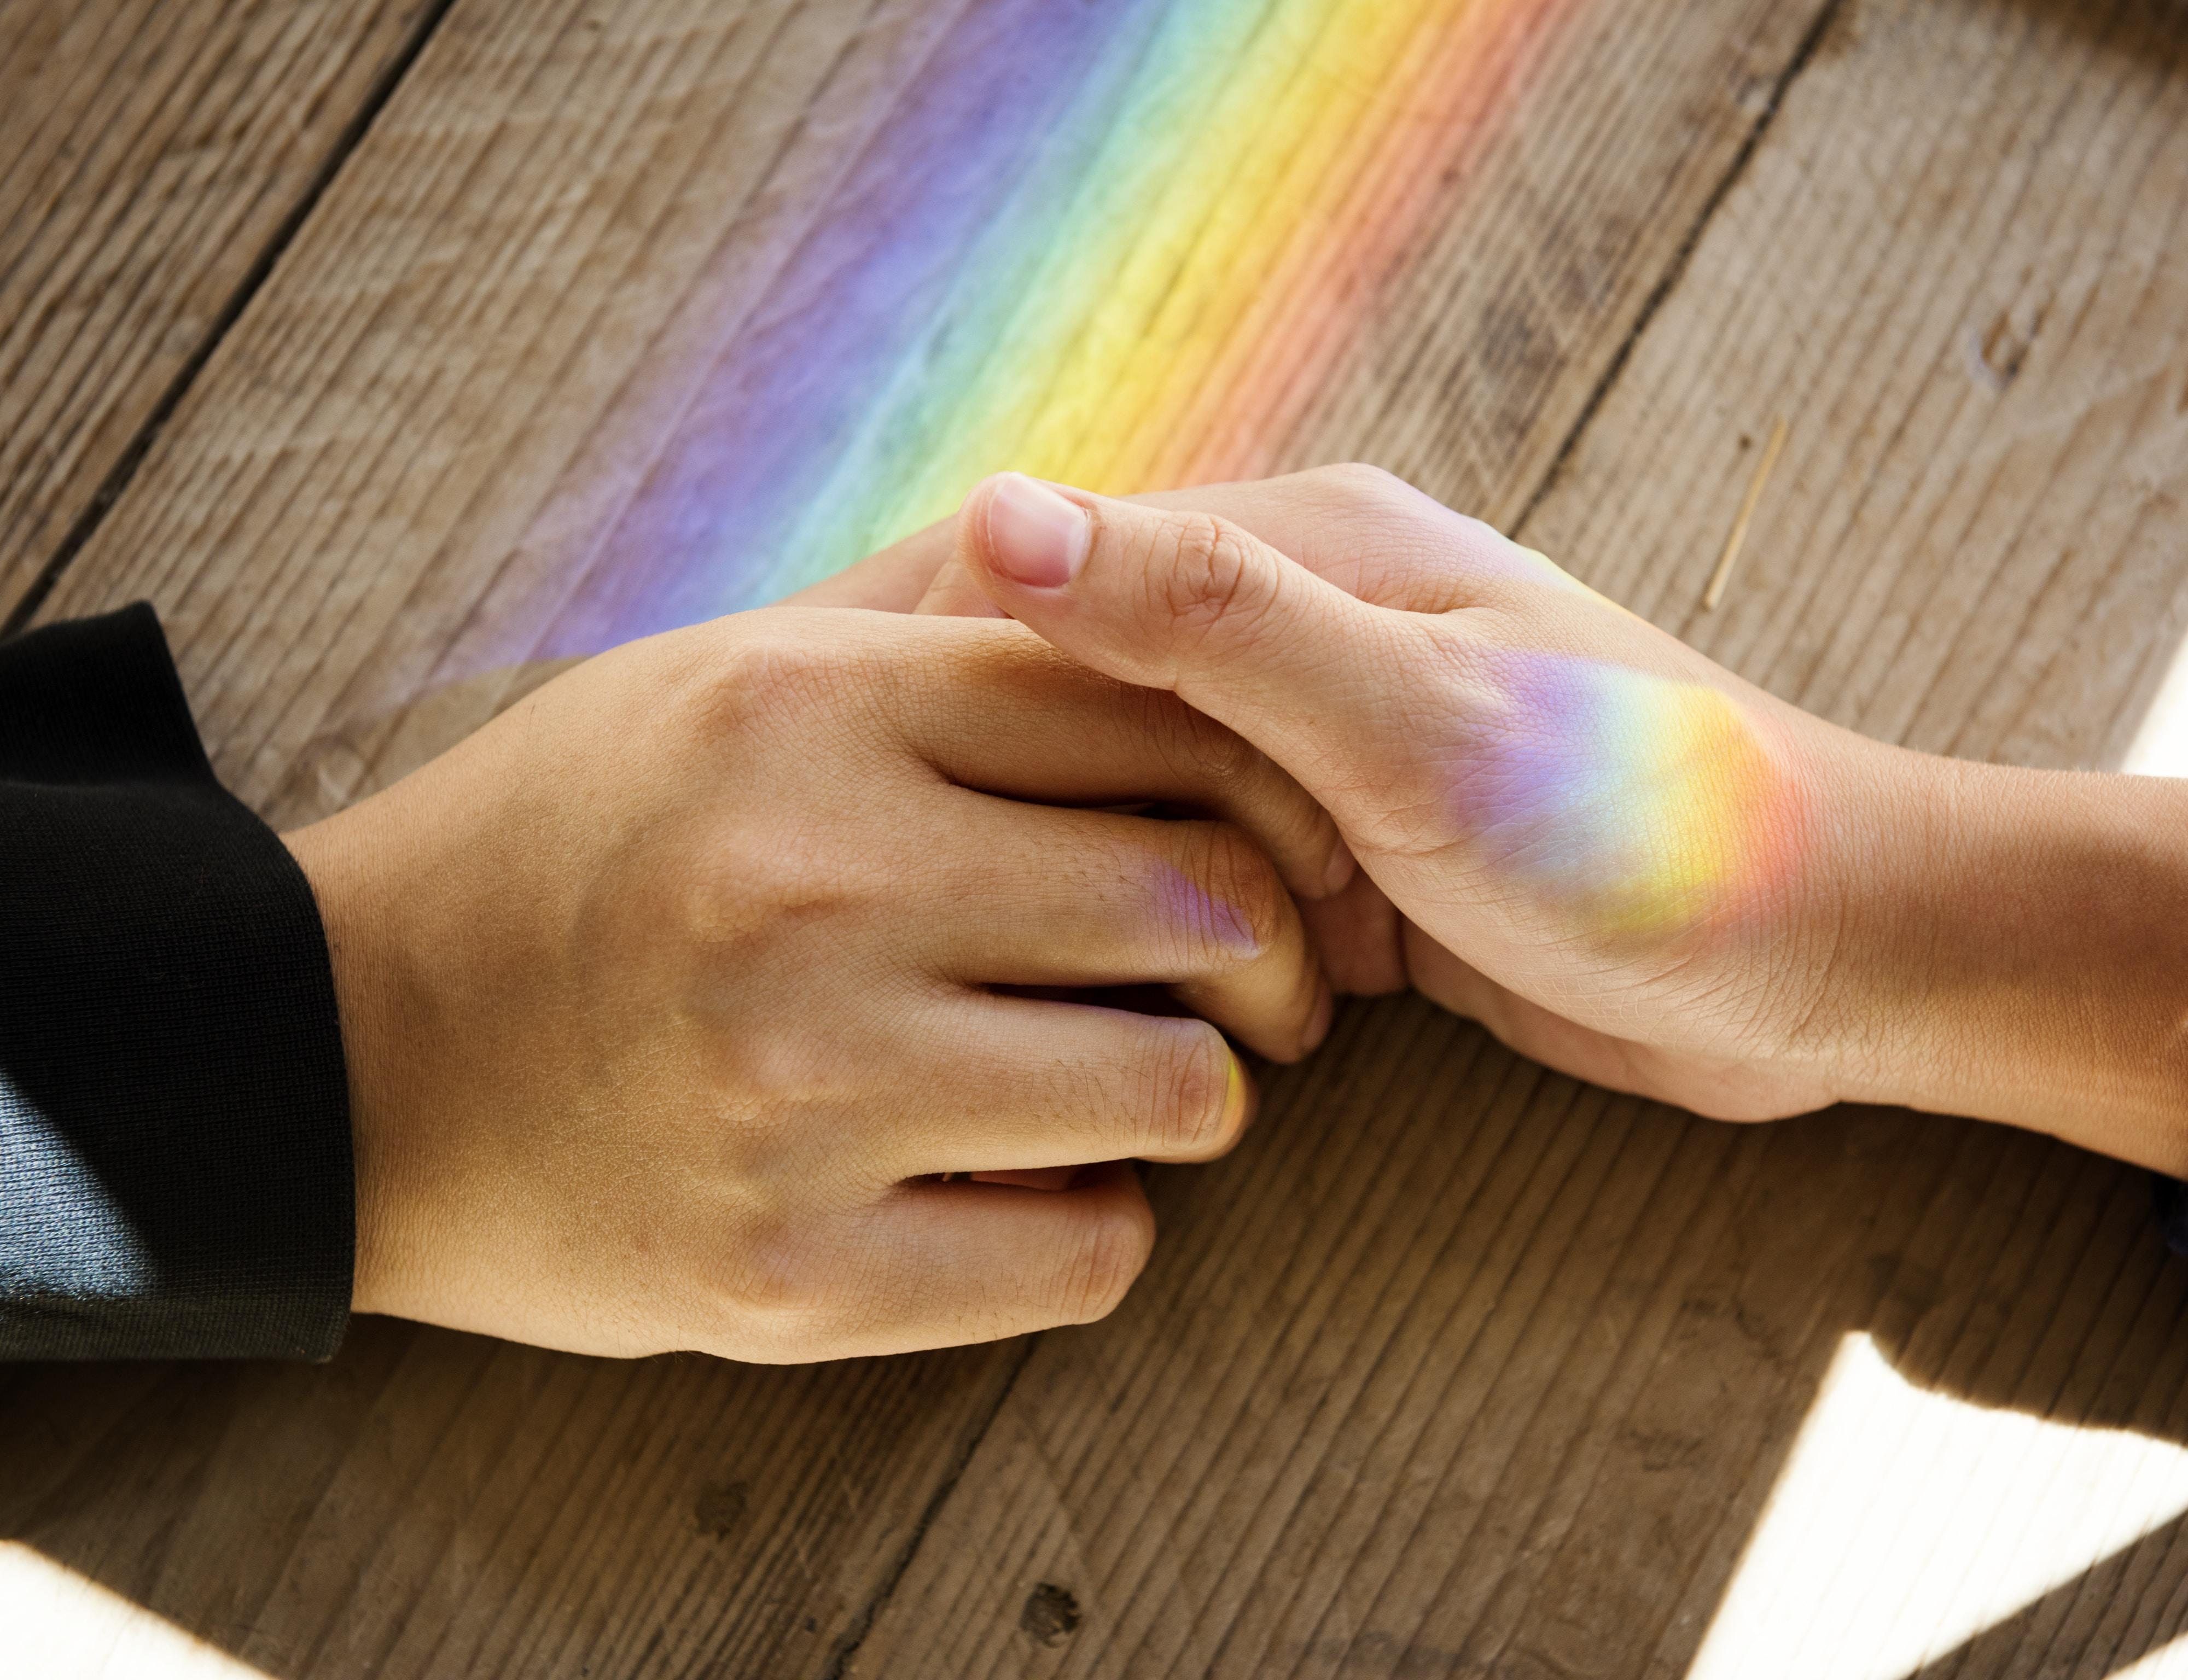 Nie dzielmy się — list otwarty do osób LGBT+